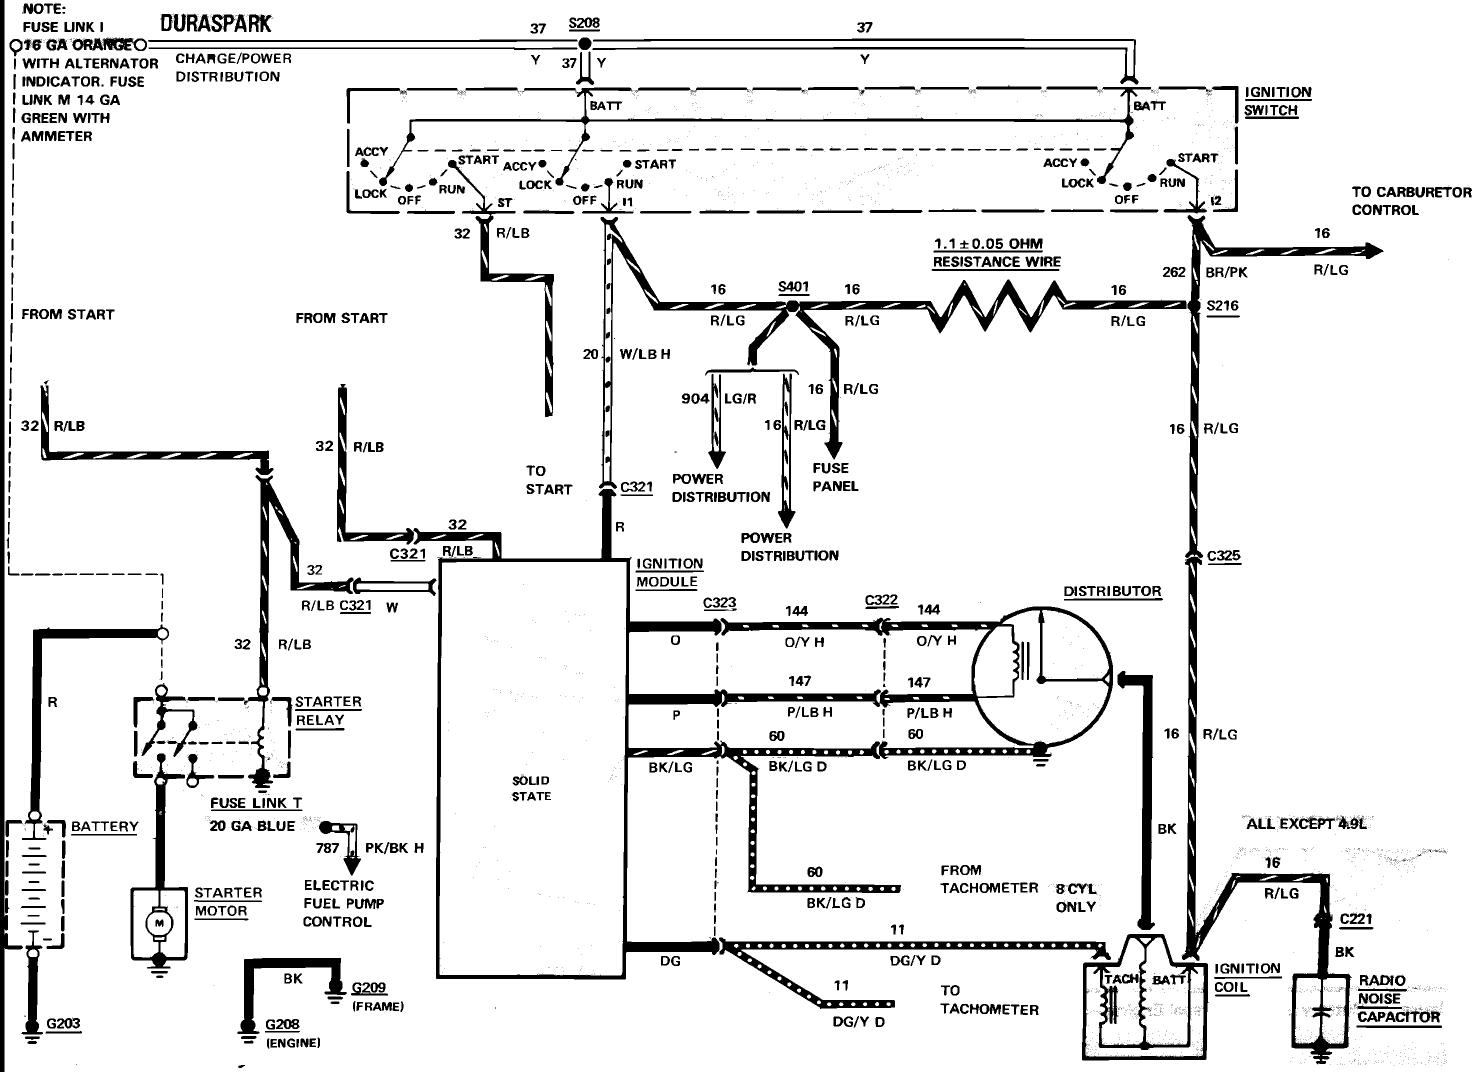 1985 mustang clutch diagram